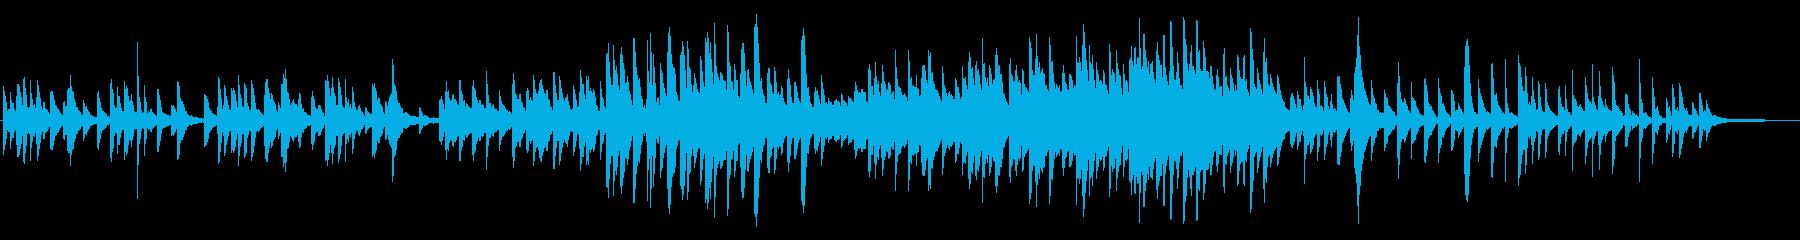 ゆったりとした切ないピアノ曲の再生済みの波形